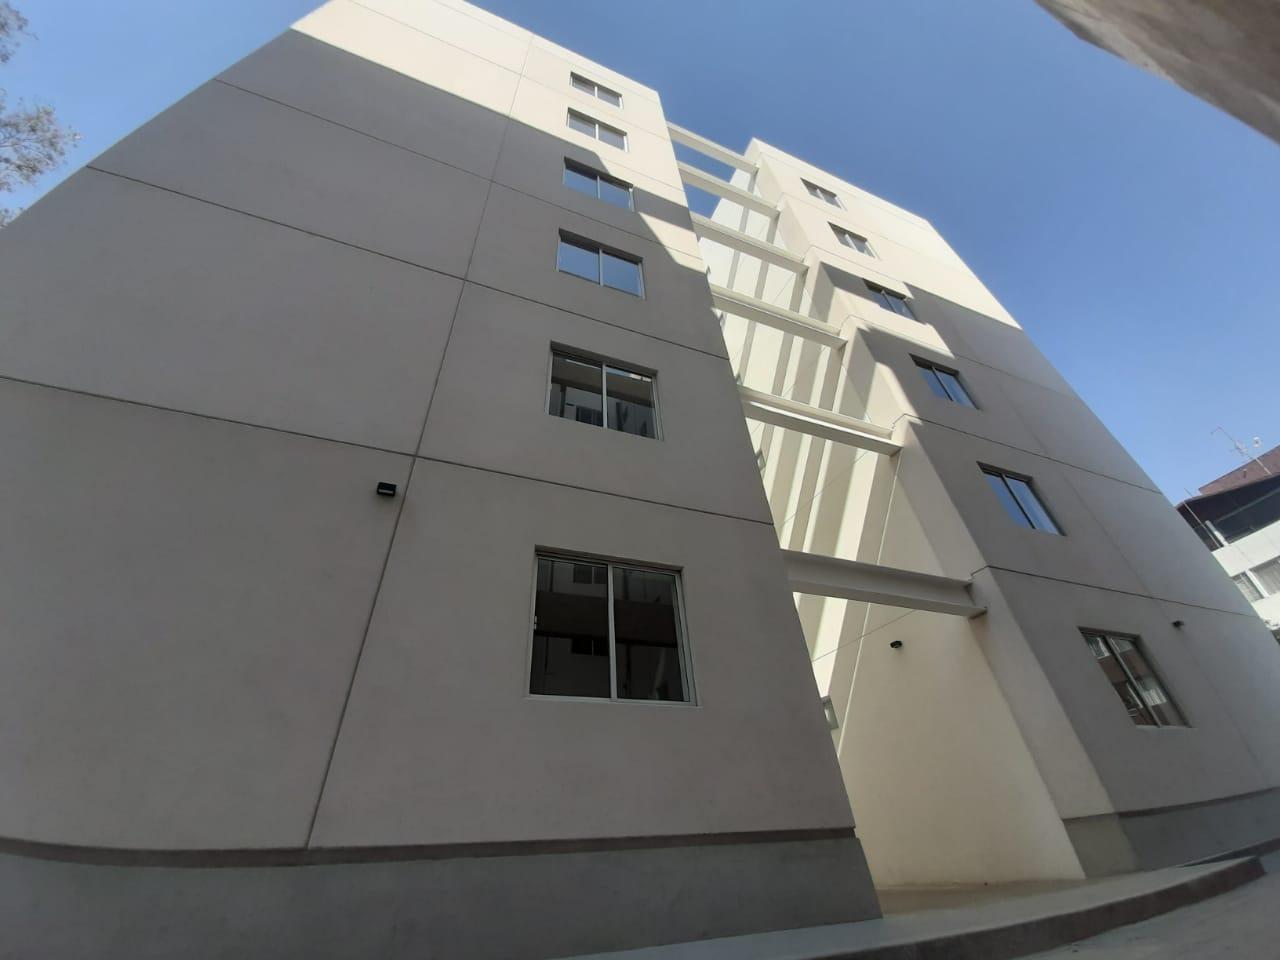 Edificios3.jpeg